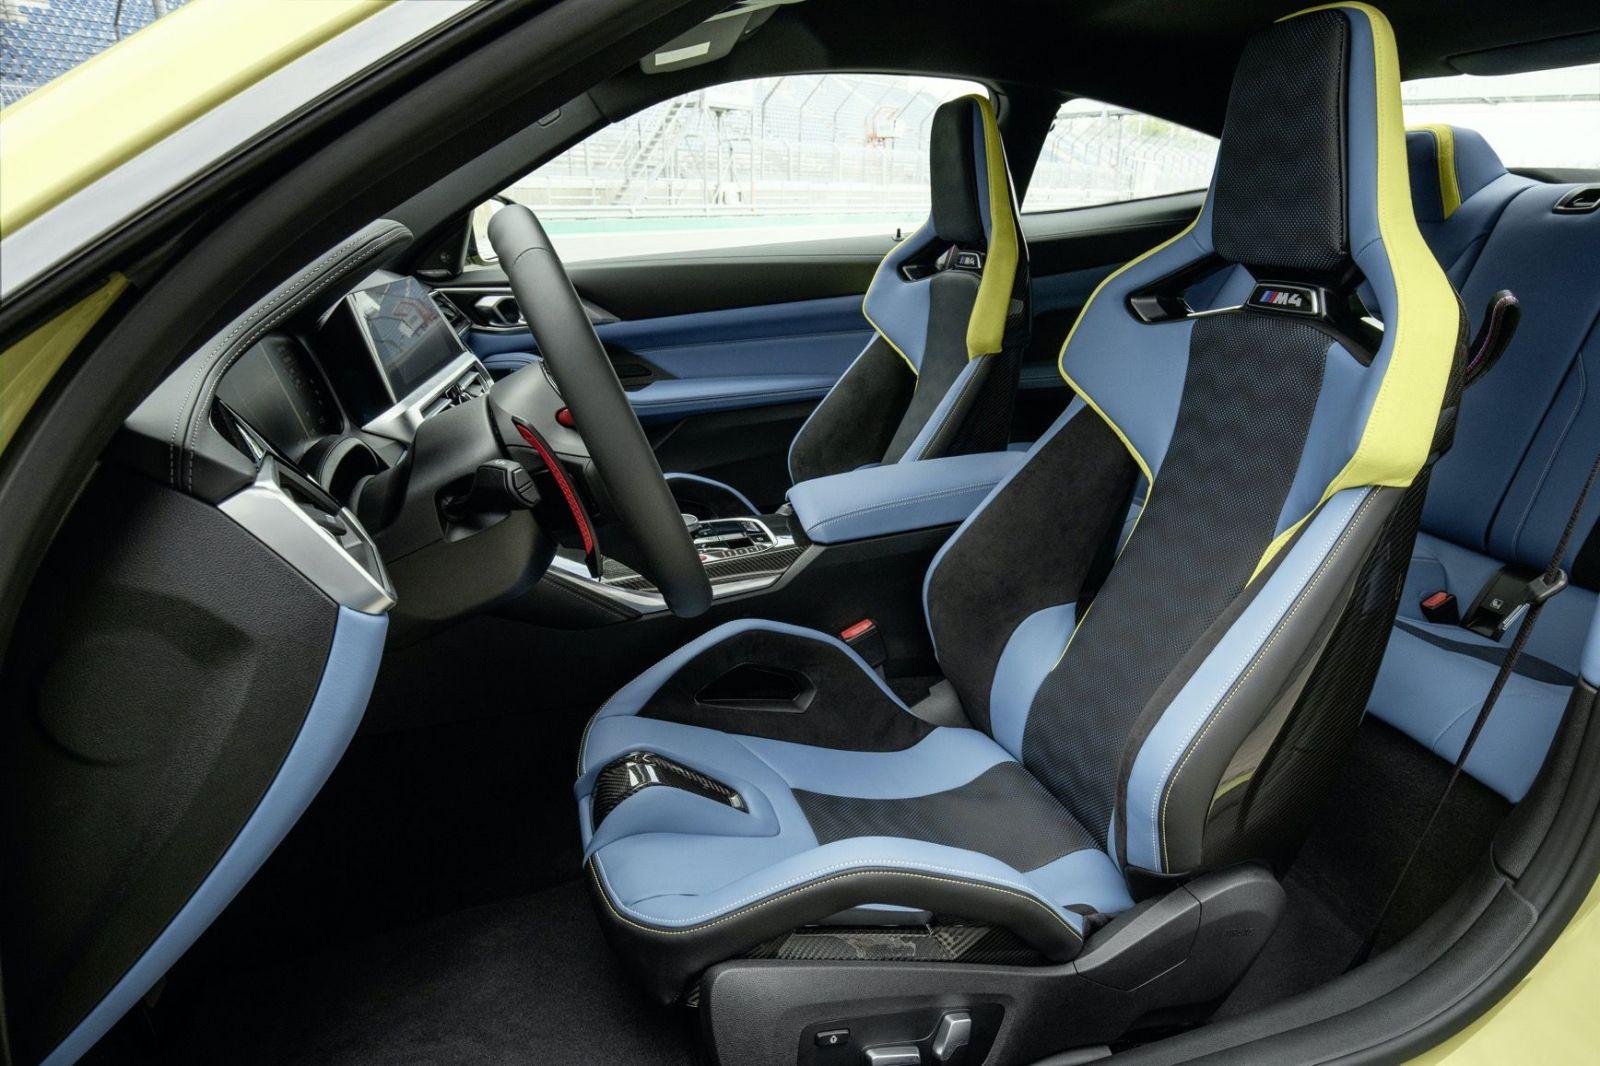 Manuál aj automat, voliteľný M xDrive, 480 alebo 510 koní a kontroverzná maska. Nové BMW M3 a M4 sú tu!